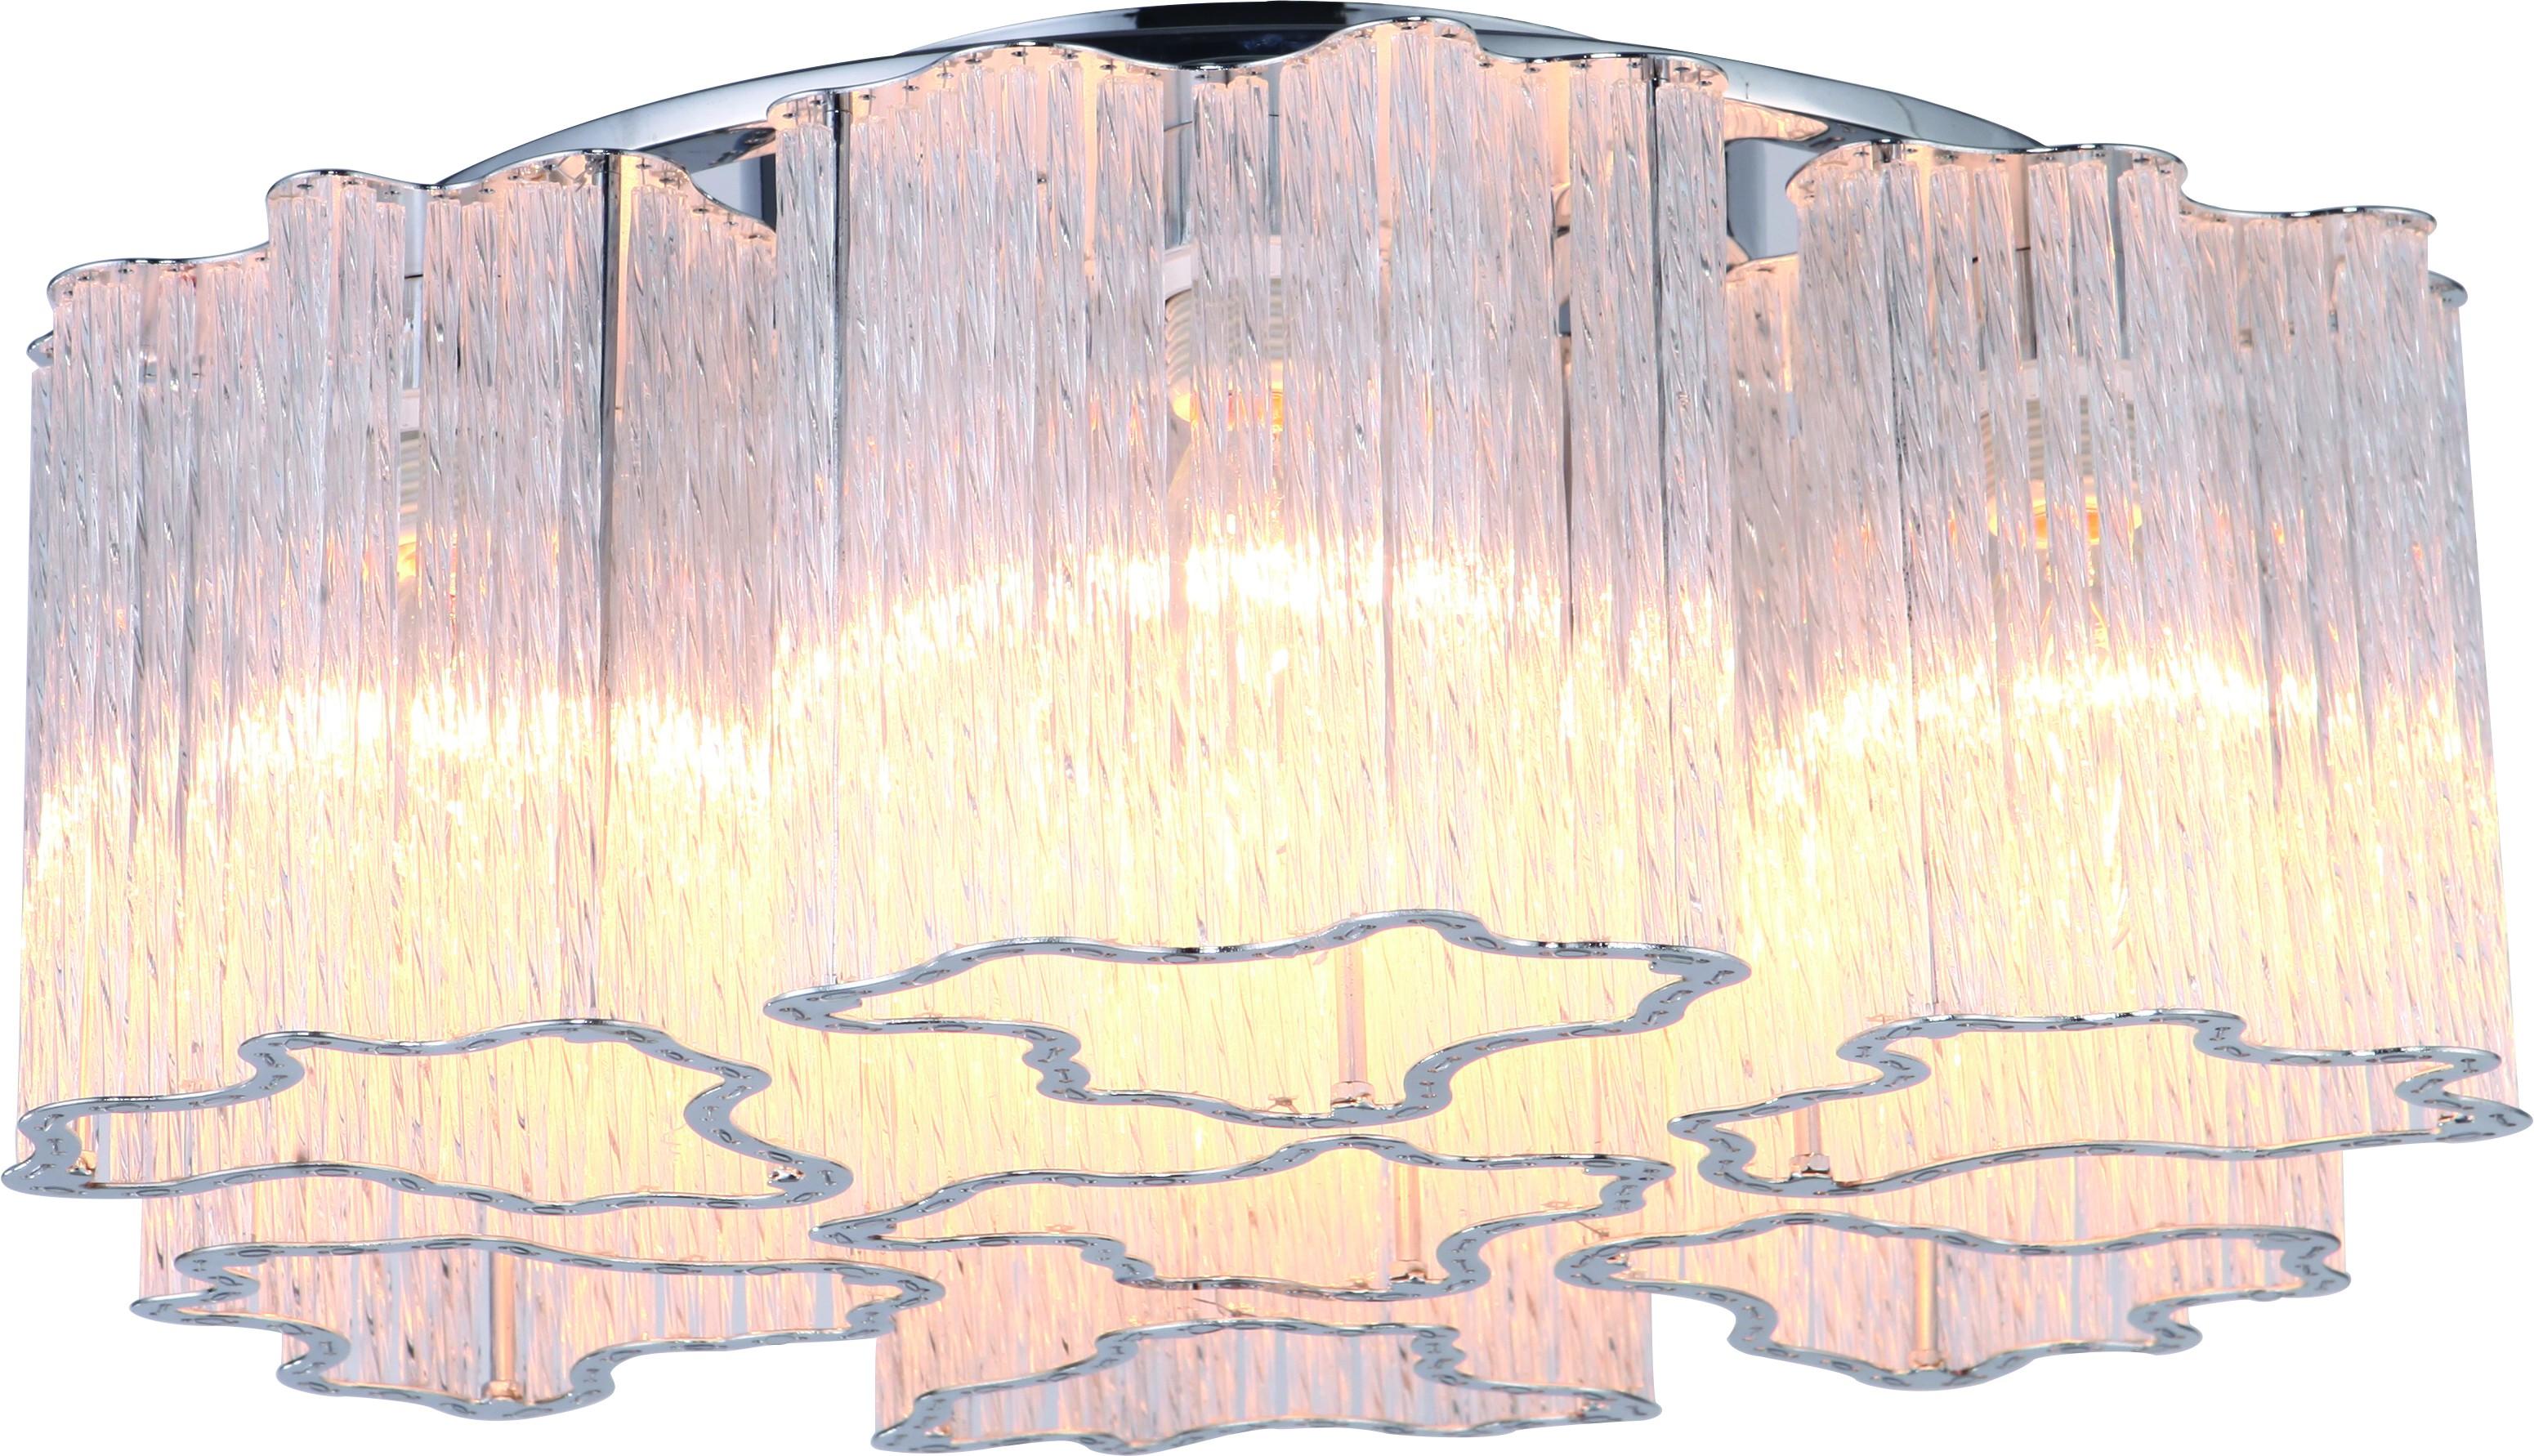 Купить Люстра Arte lamp A8567pl-7cl